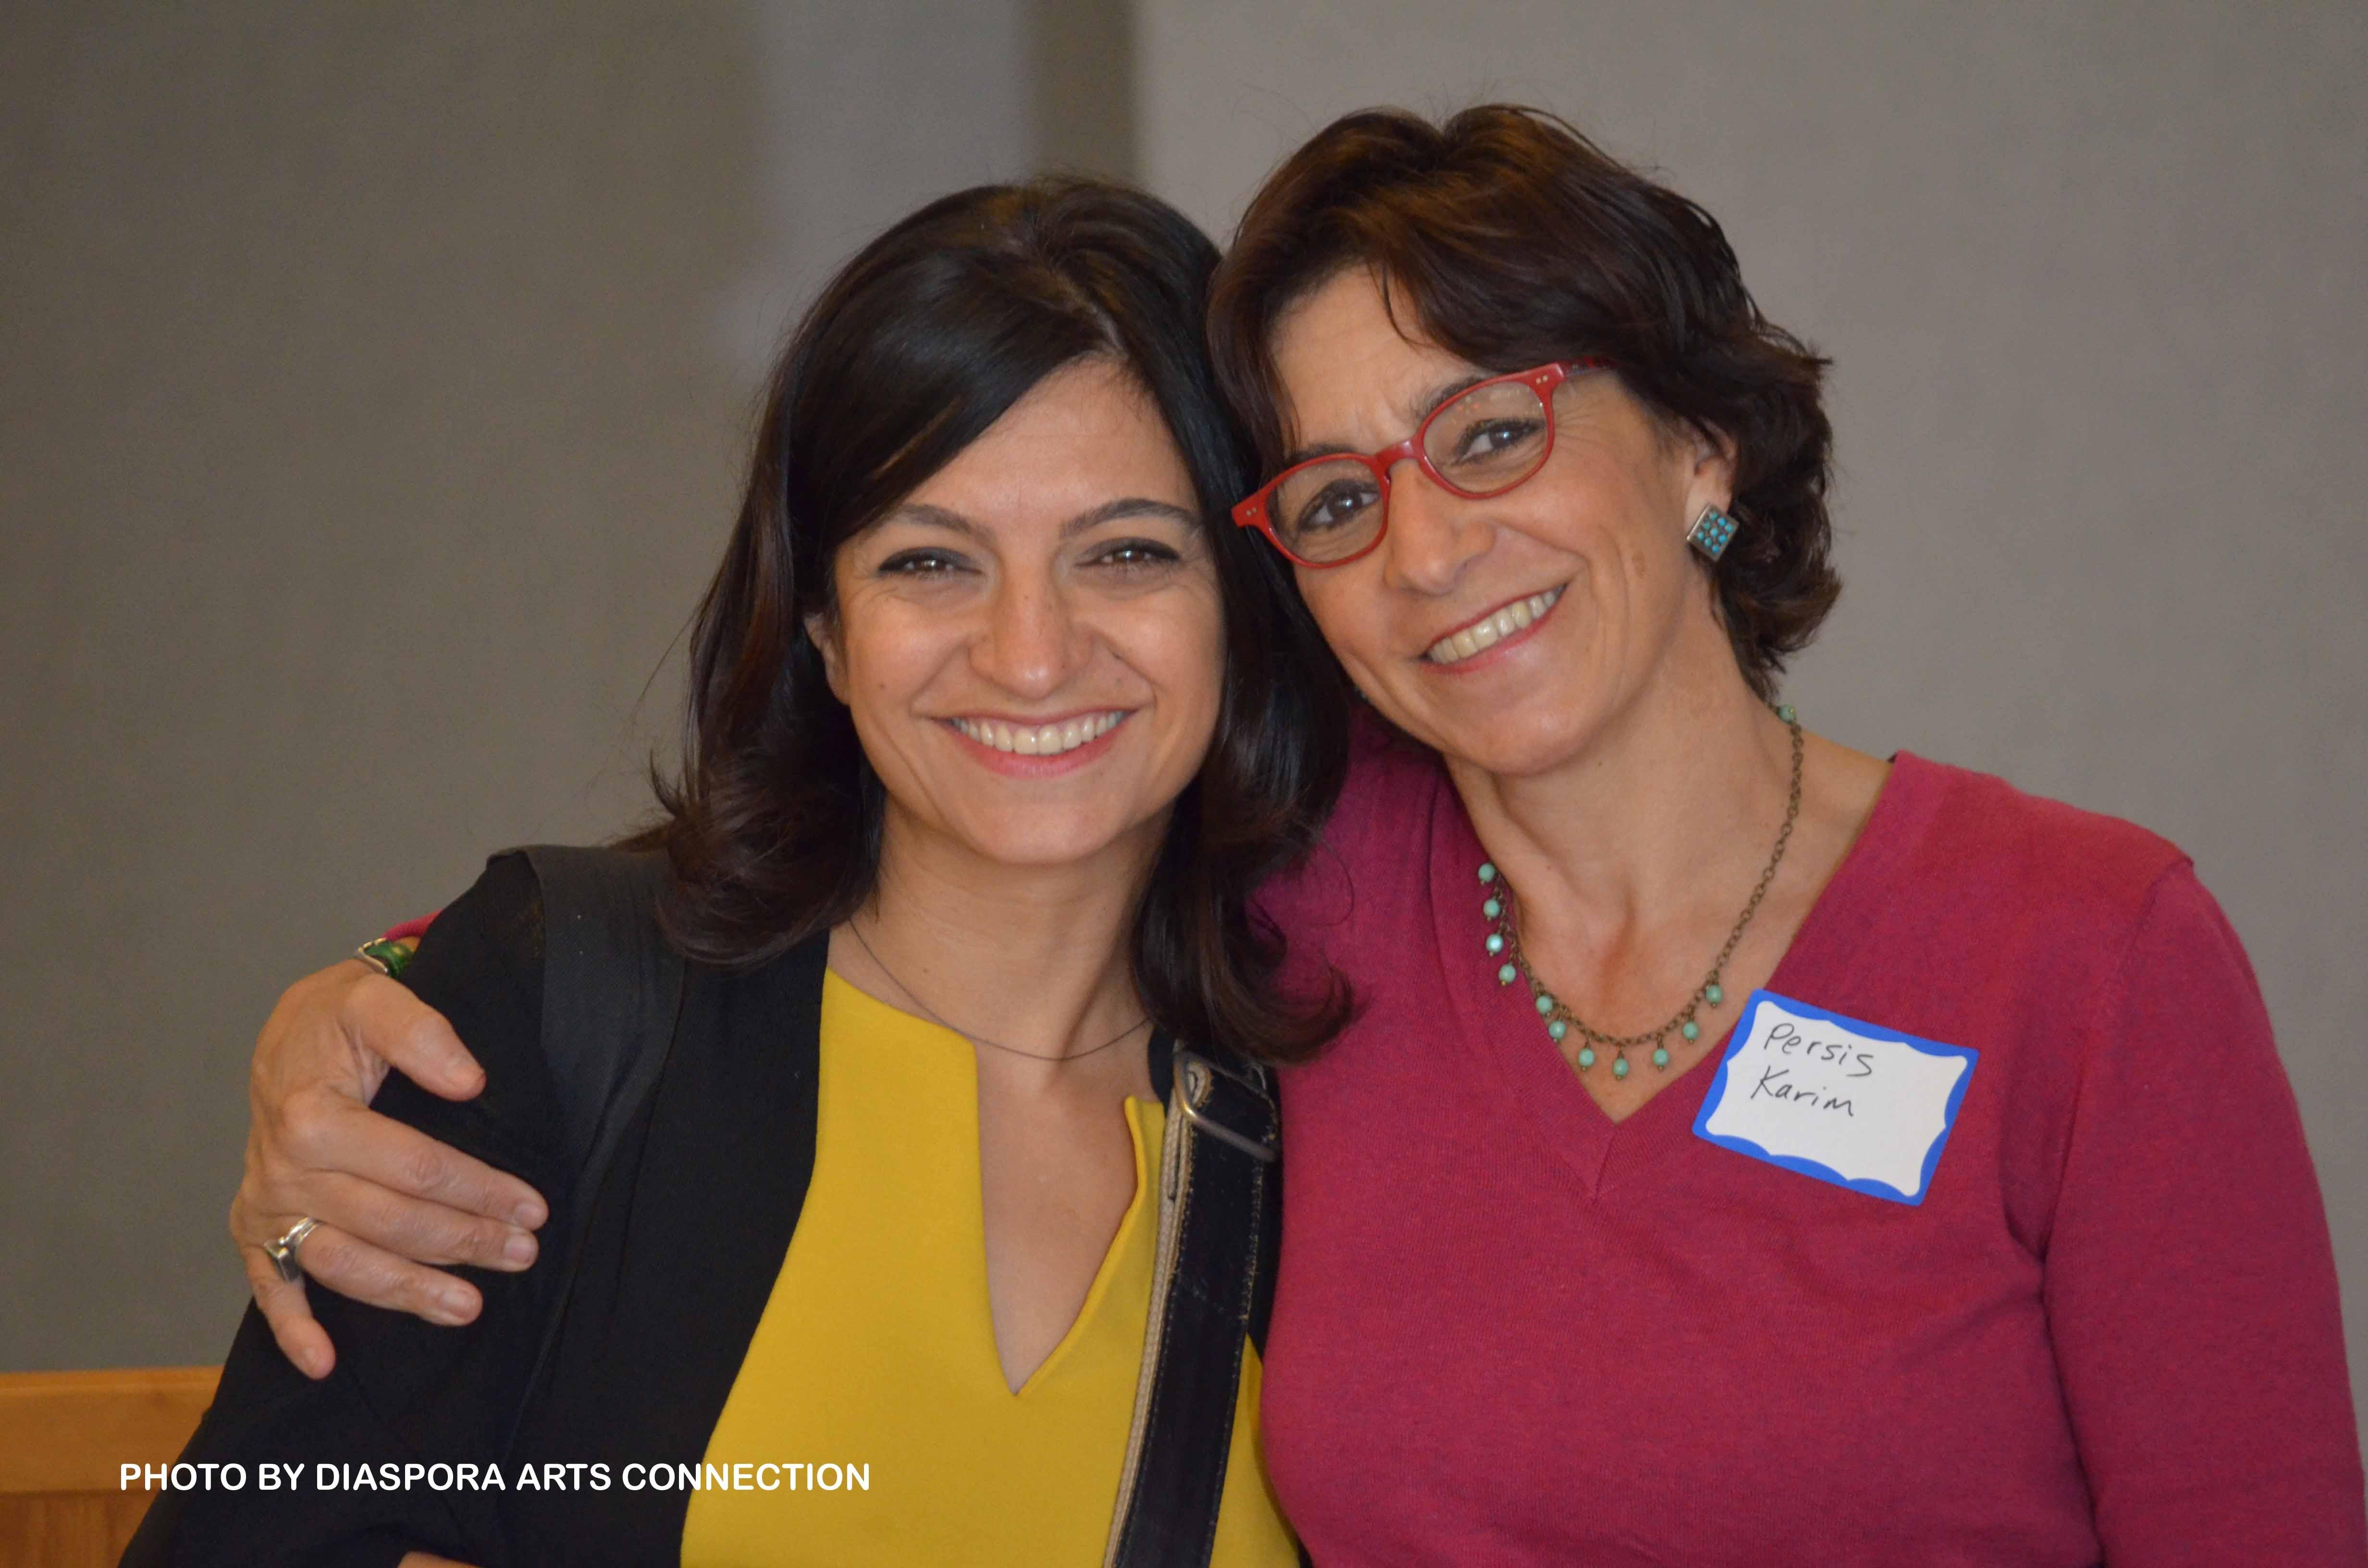 Firuzeh Mahmoudi with Persis Karim at Engaging Iran and the Iranian Diaspora Conference, October 21, 2016, San Jose State University